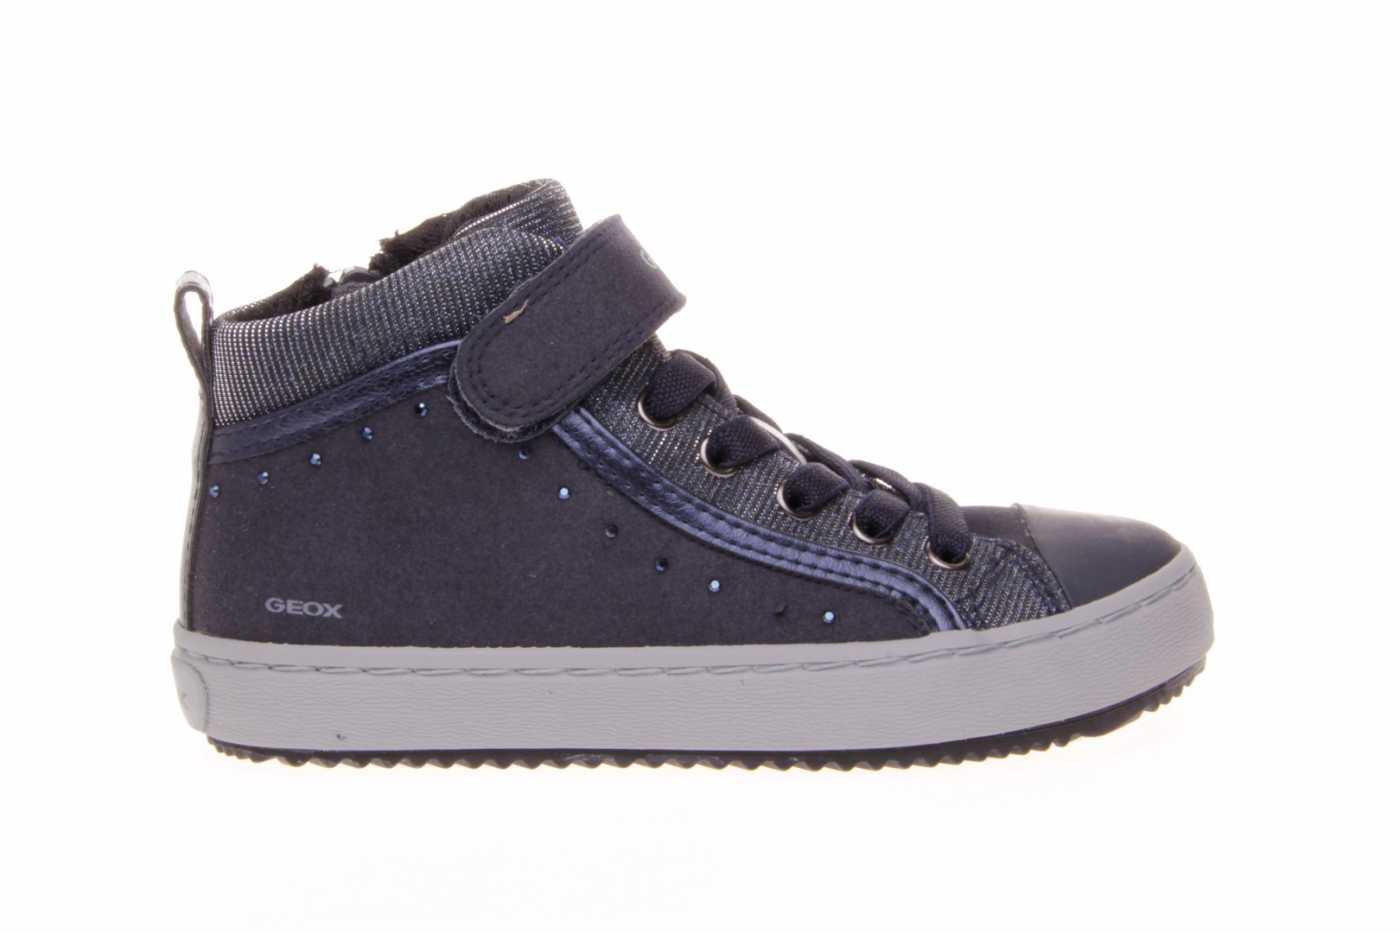 03b71d7f1 Comprar zapato tipo JOVEN NIÑA estilo BOTINES-BOTA ALTA COLOR AZUL ...